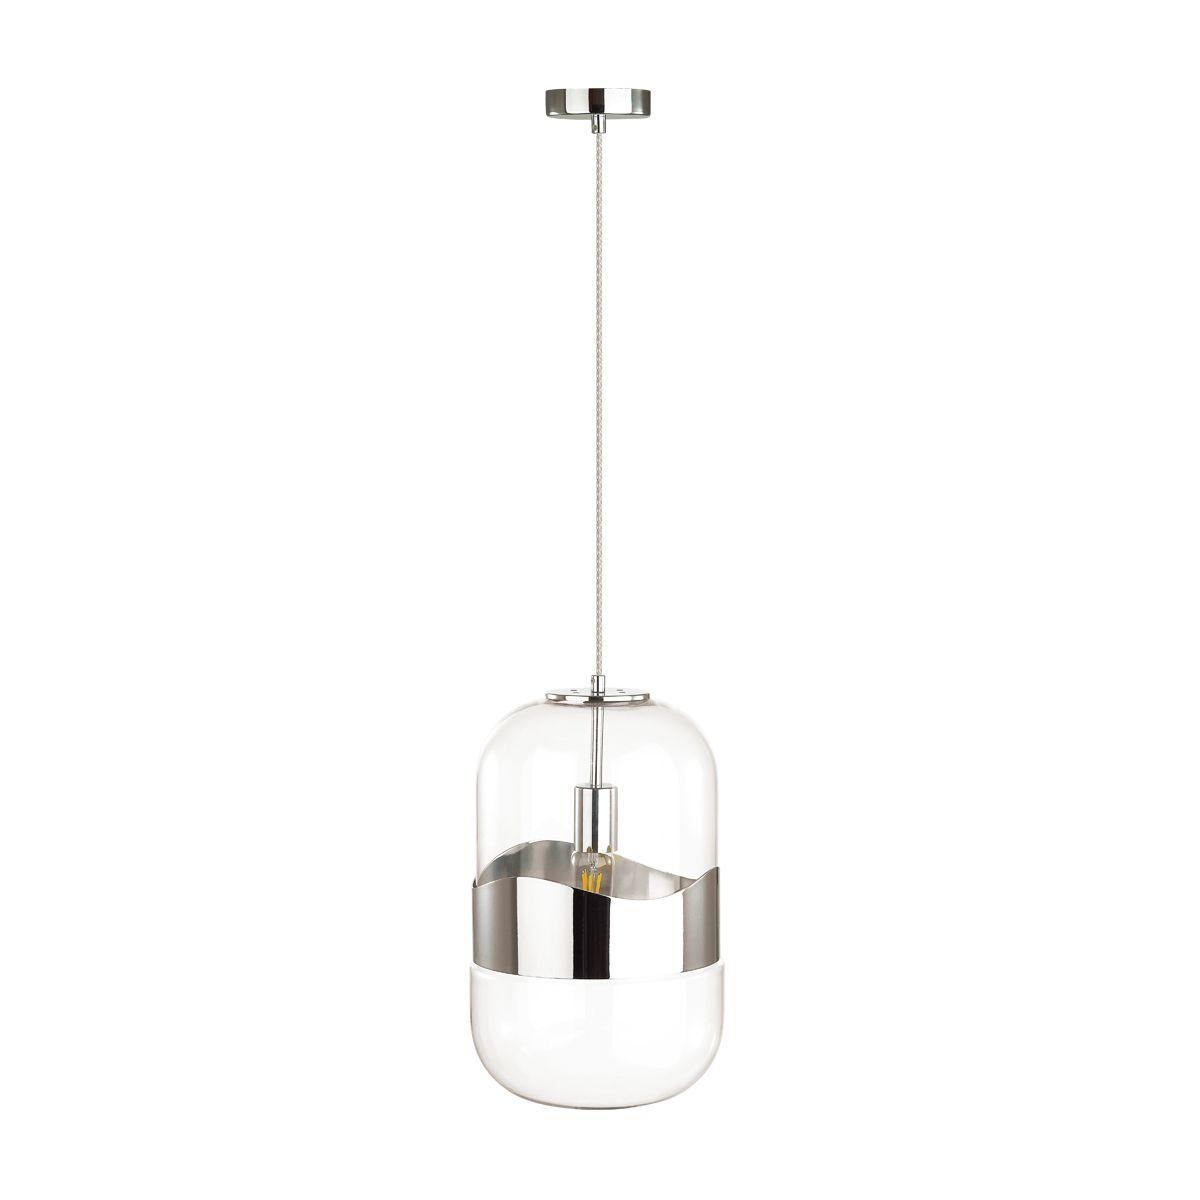 Подвесной светильник Odeon Light Apile 4814/1A